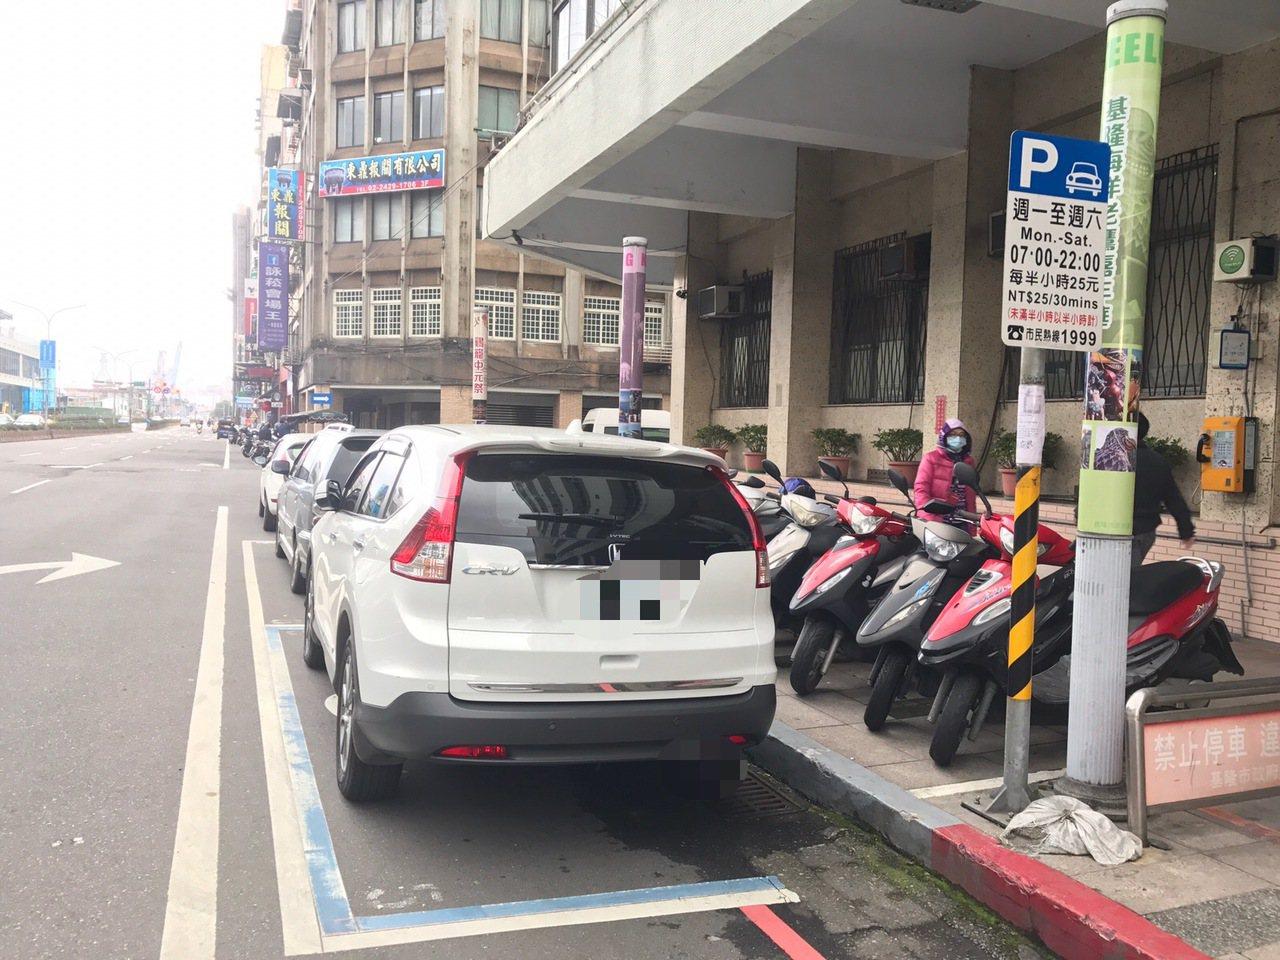 除夕至初三,基隆市全市路邊停車格春節期間暫停收費。記者吳淑君/攝影